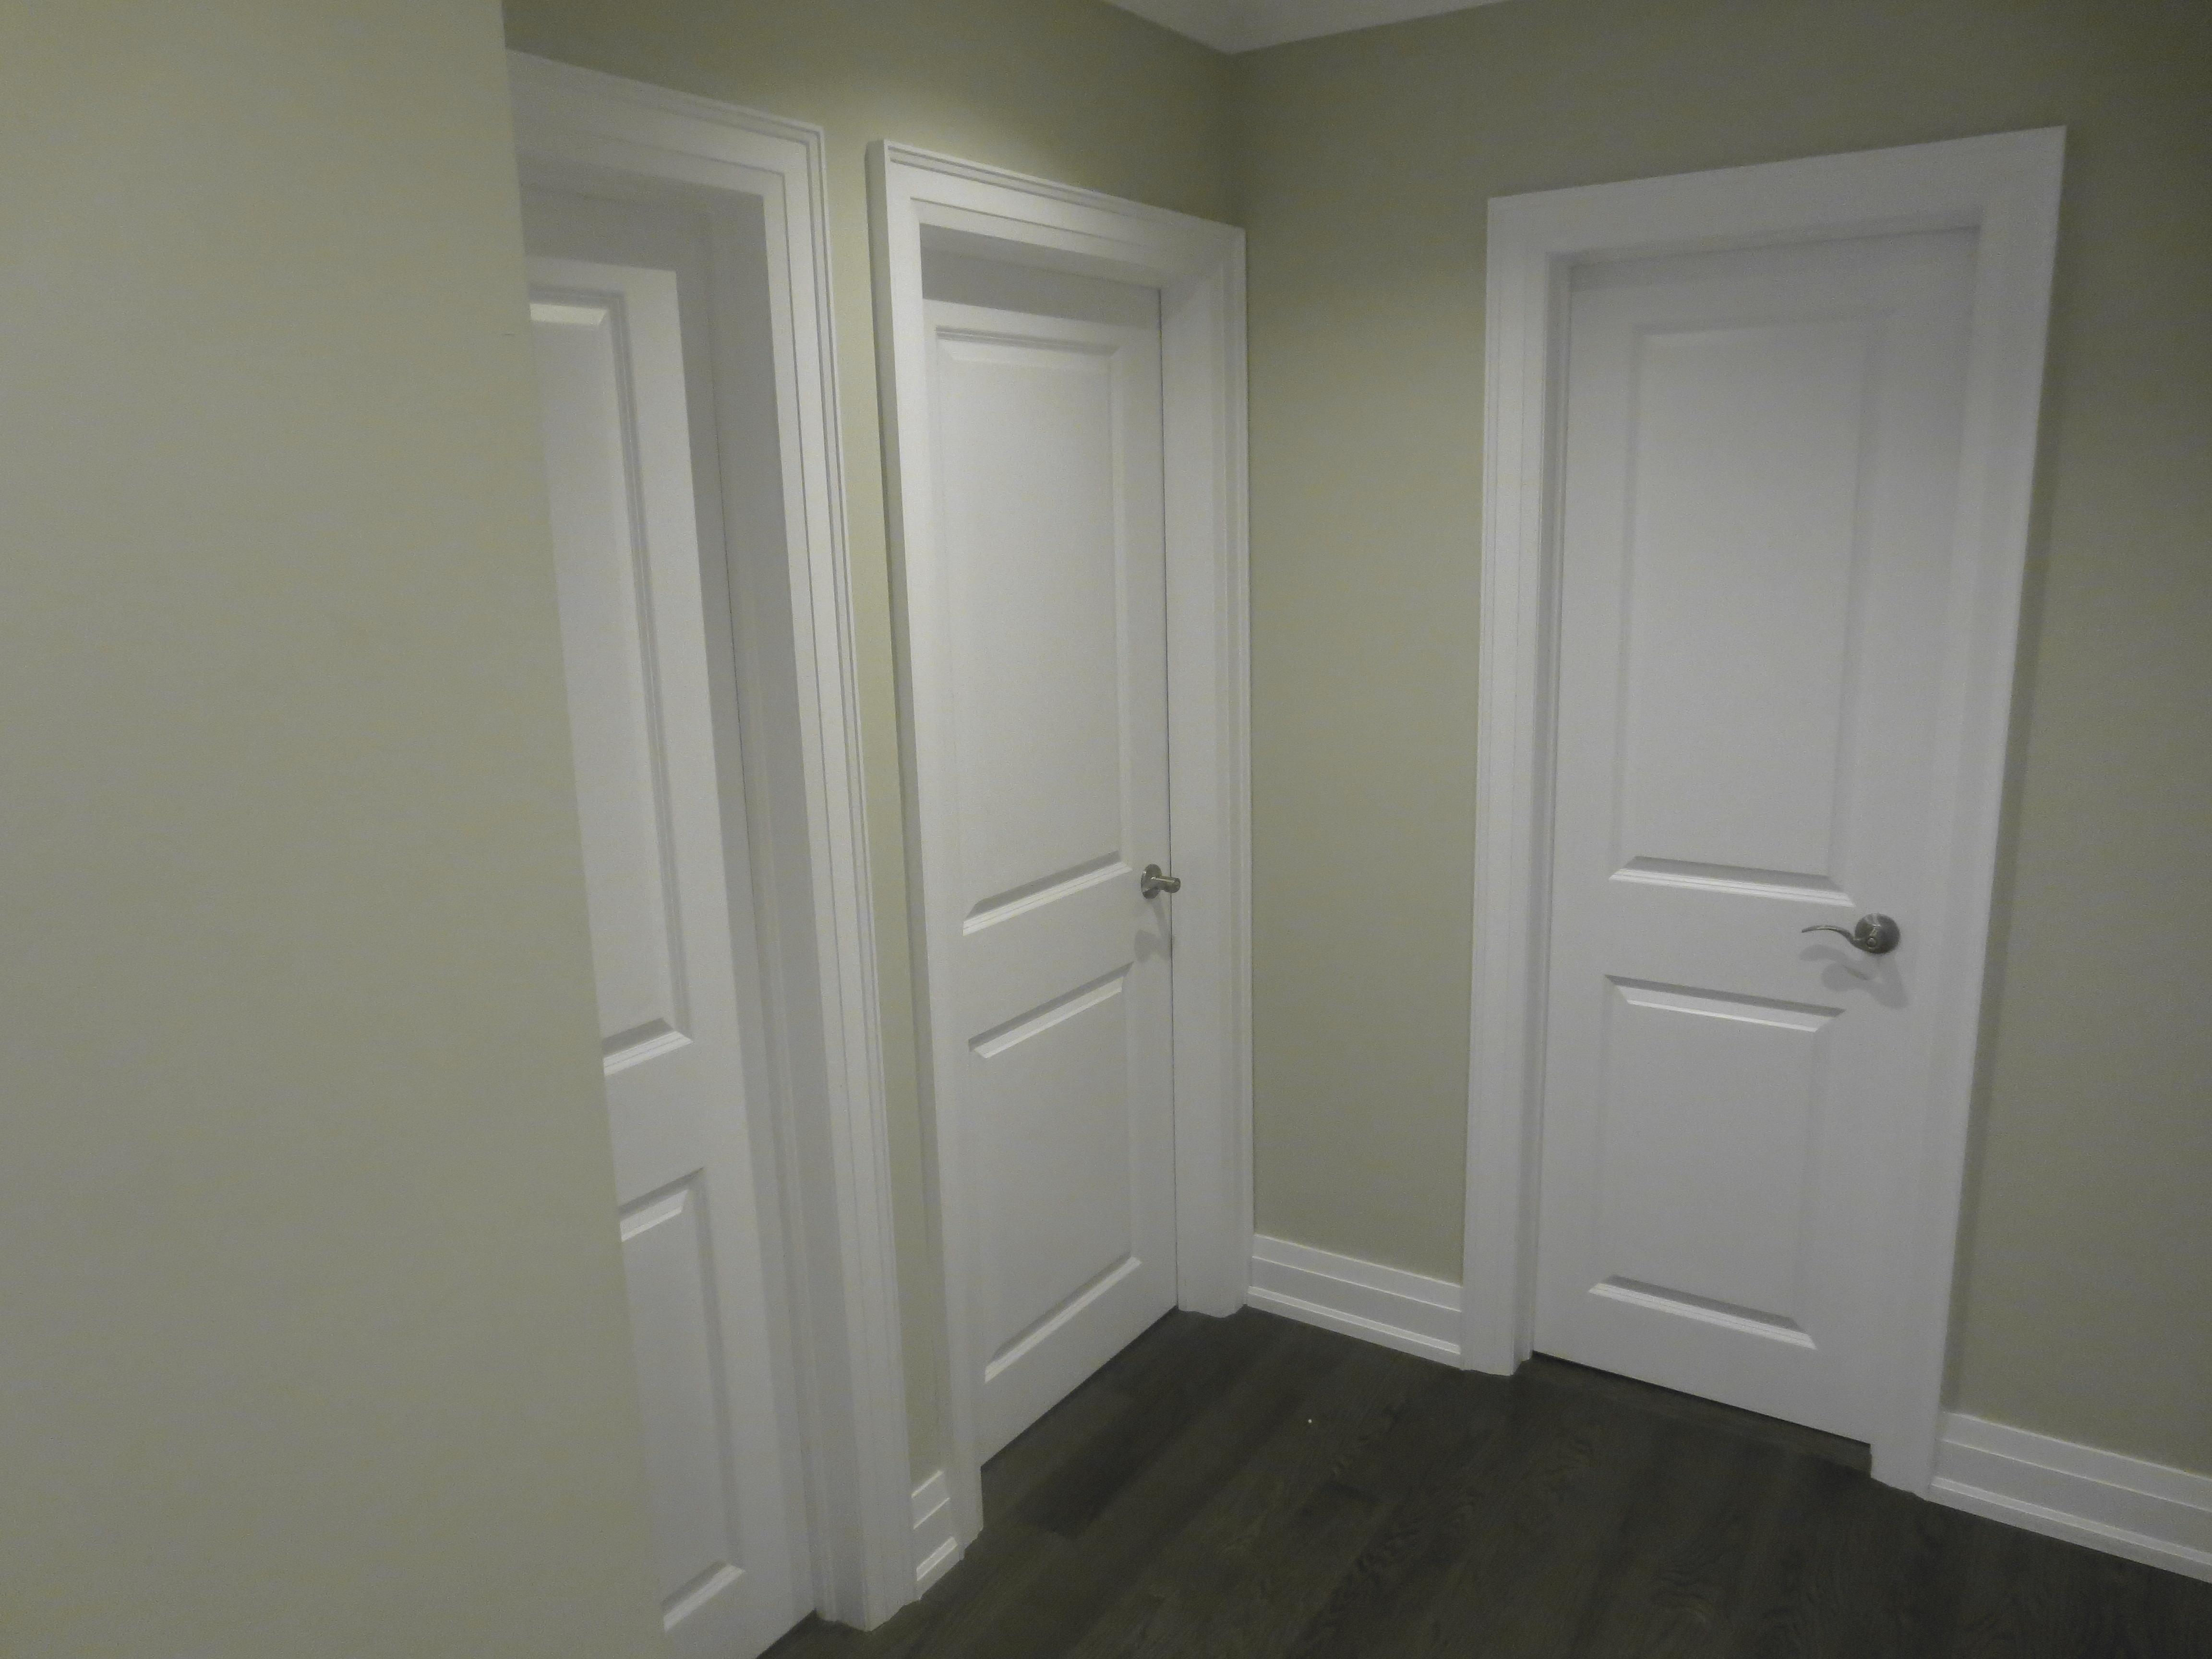 closet ca company new doors torrance view interior places door